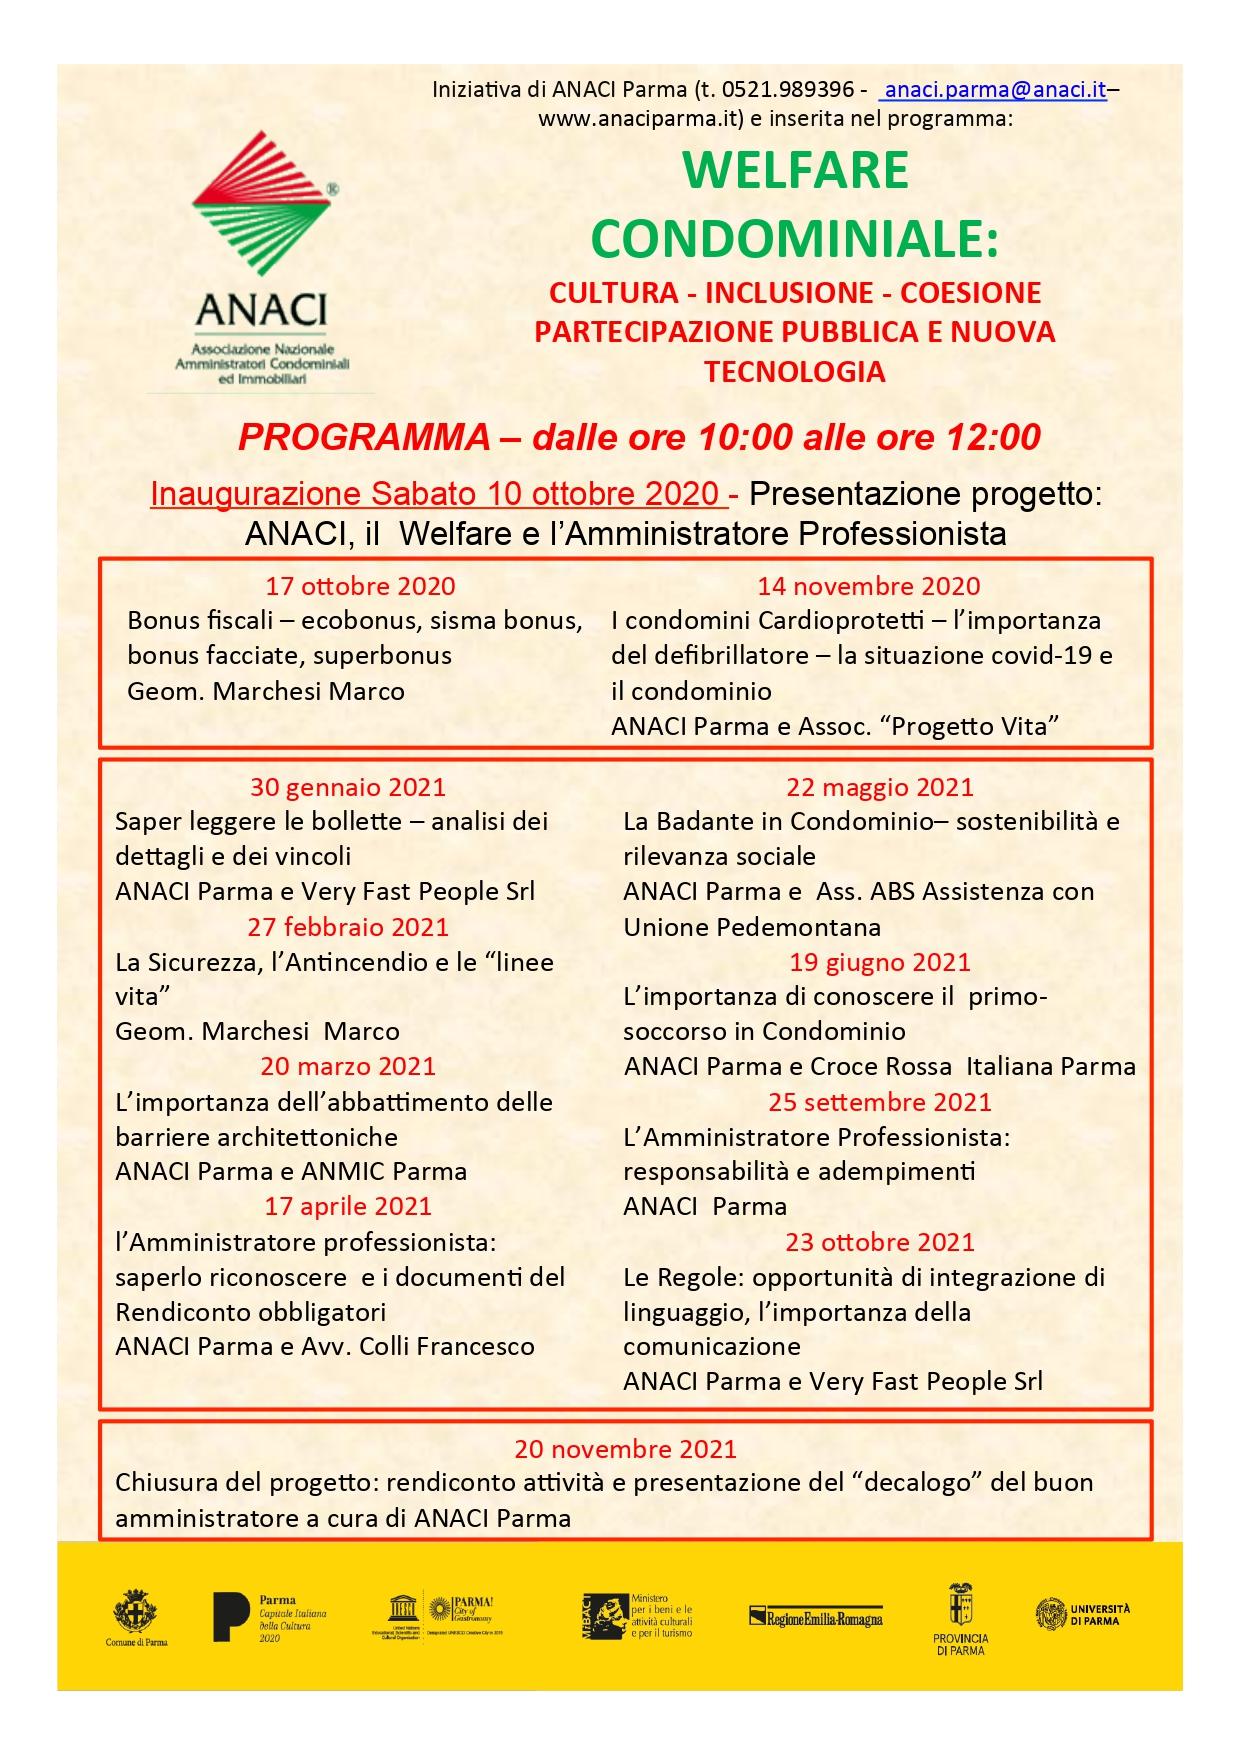 Programma_Eventi 2020+21_page-0002.jpg